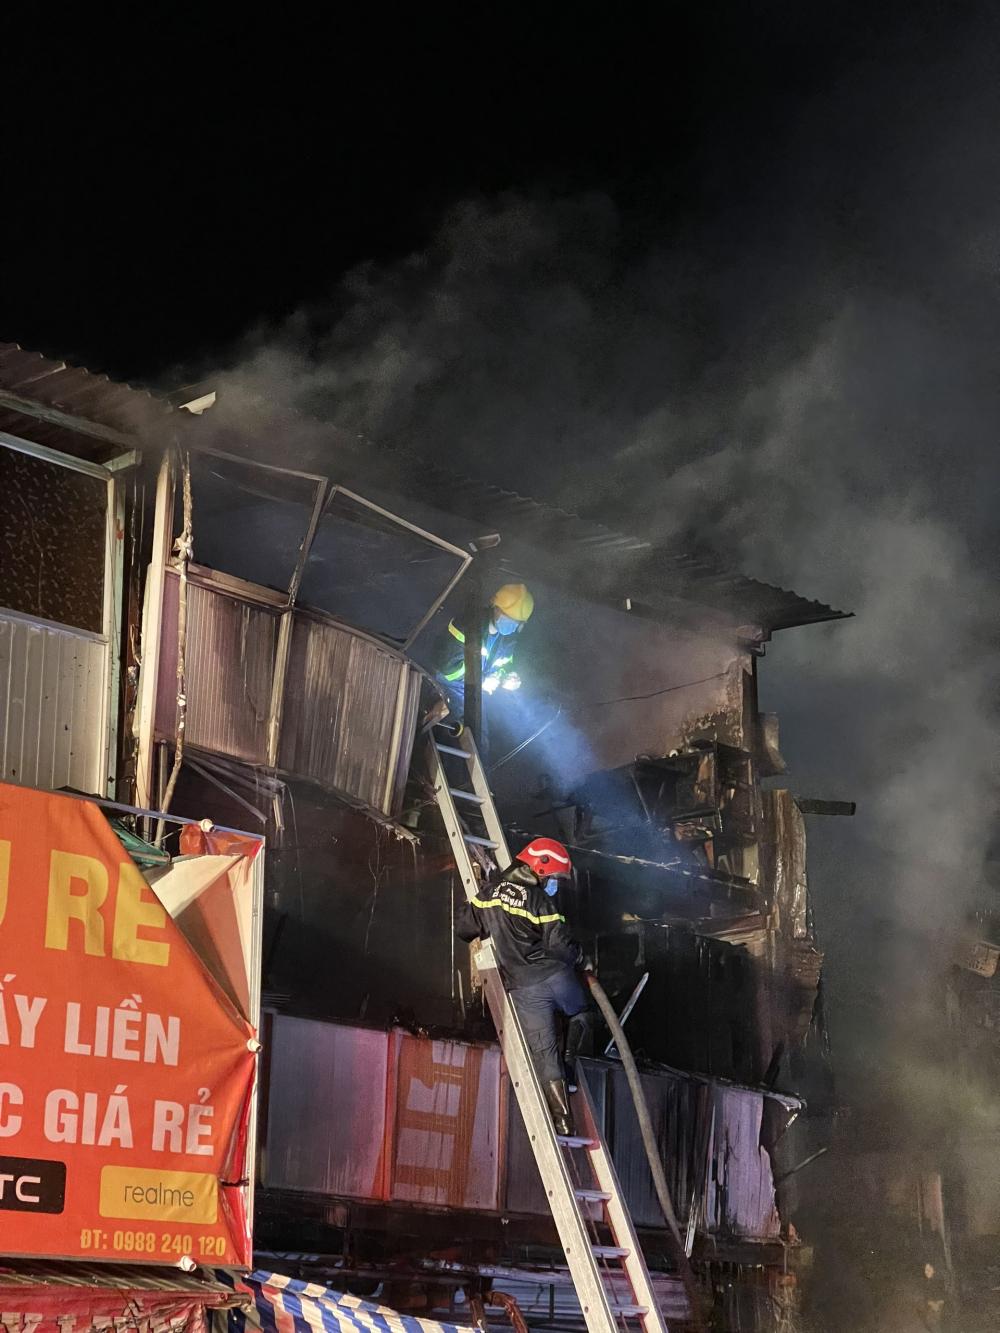 Lực lượng chức năng chữa cháy tại hiện trường.